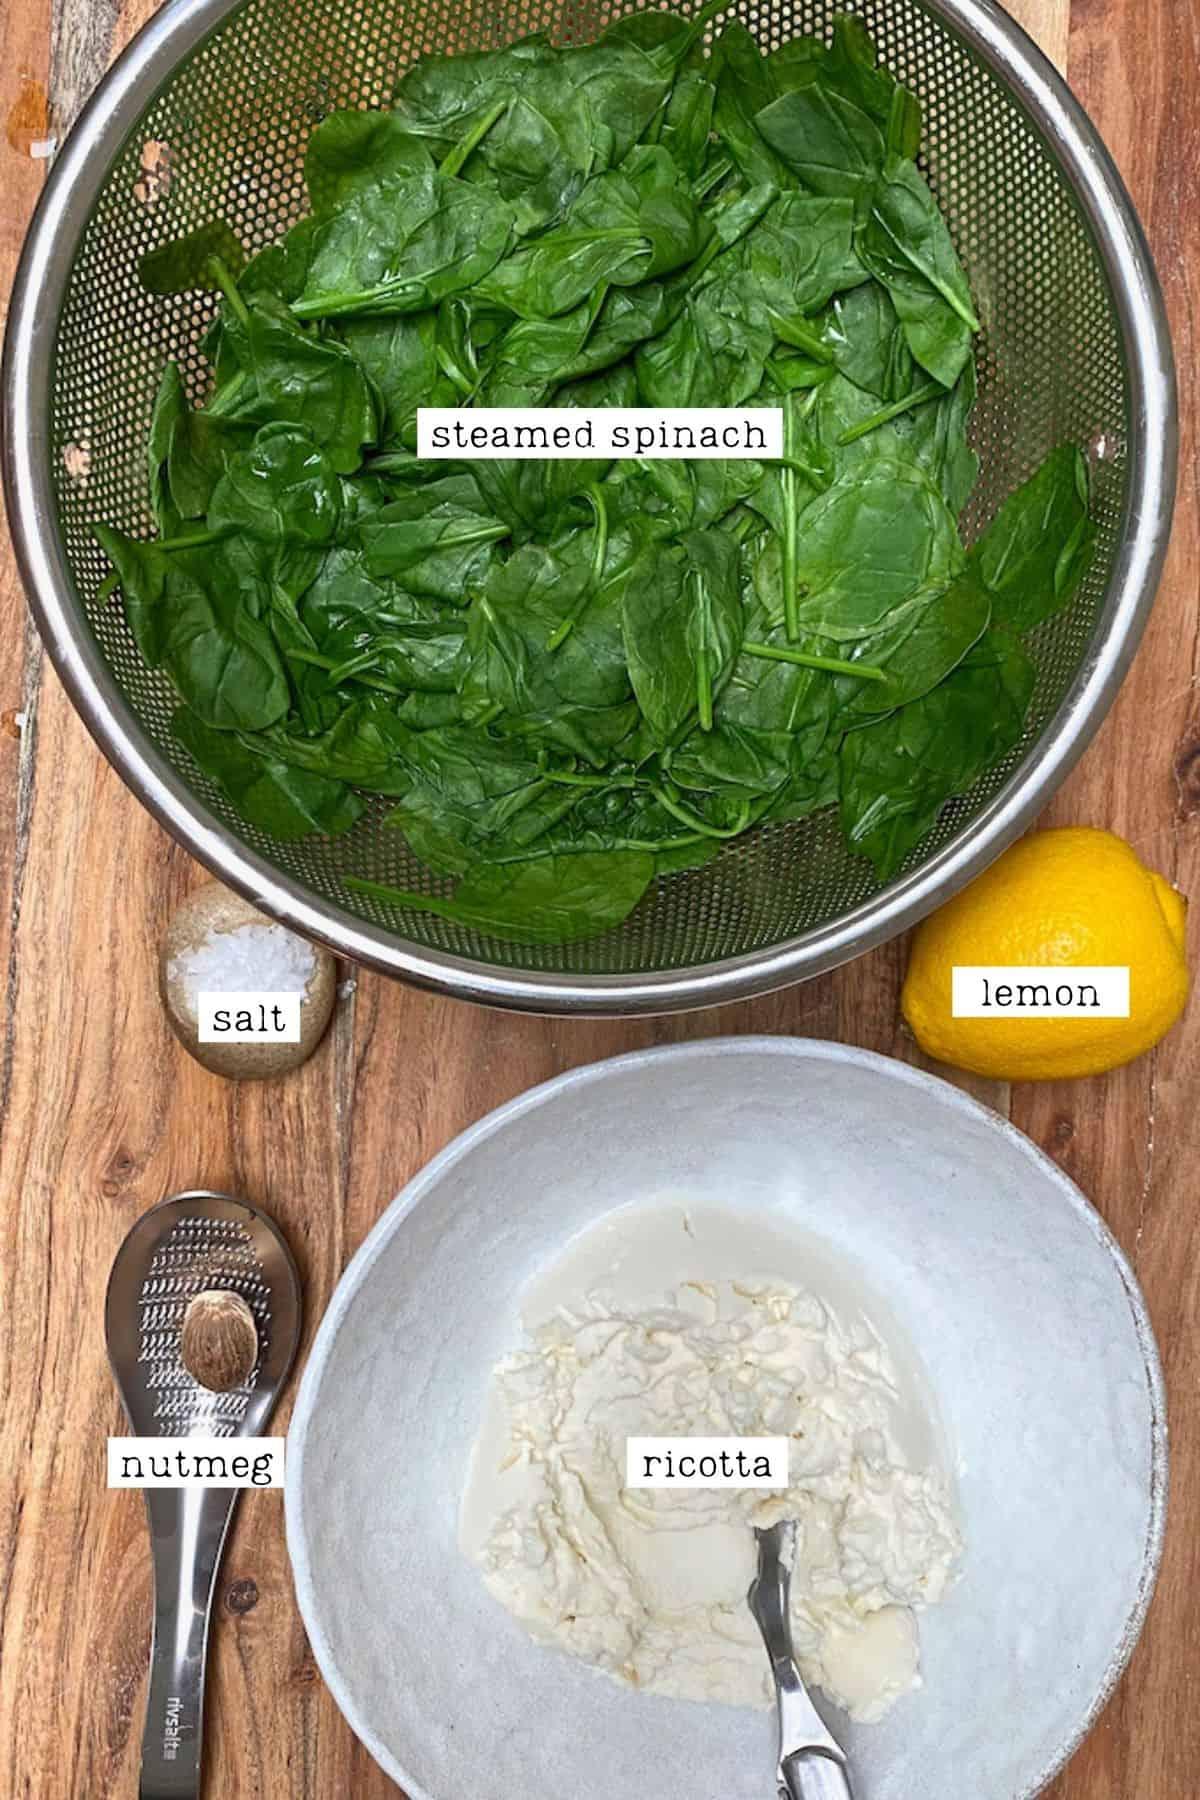 Ingredients for ravioli filling